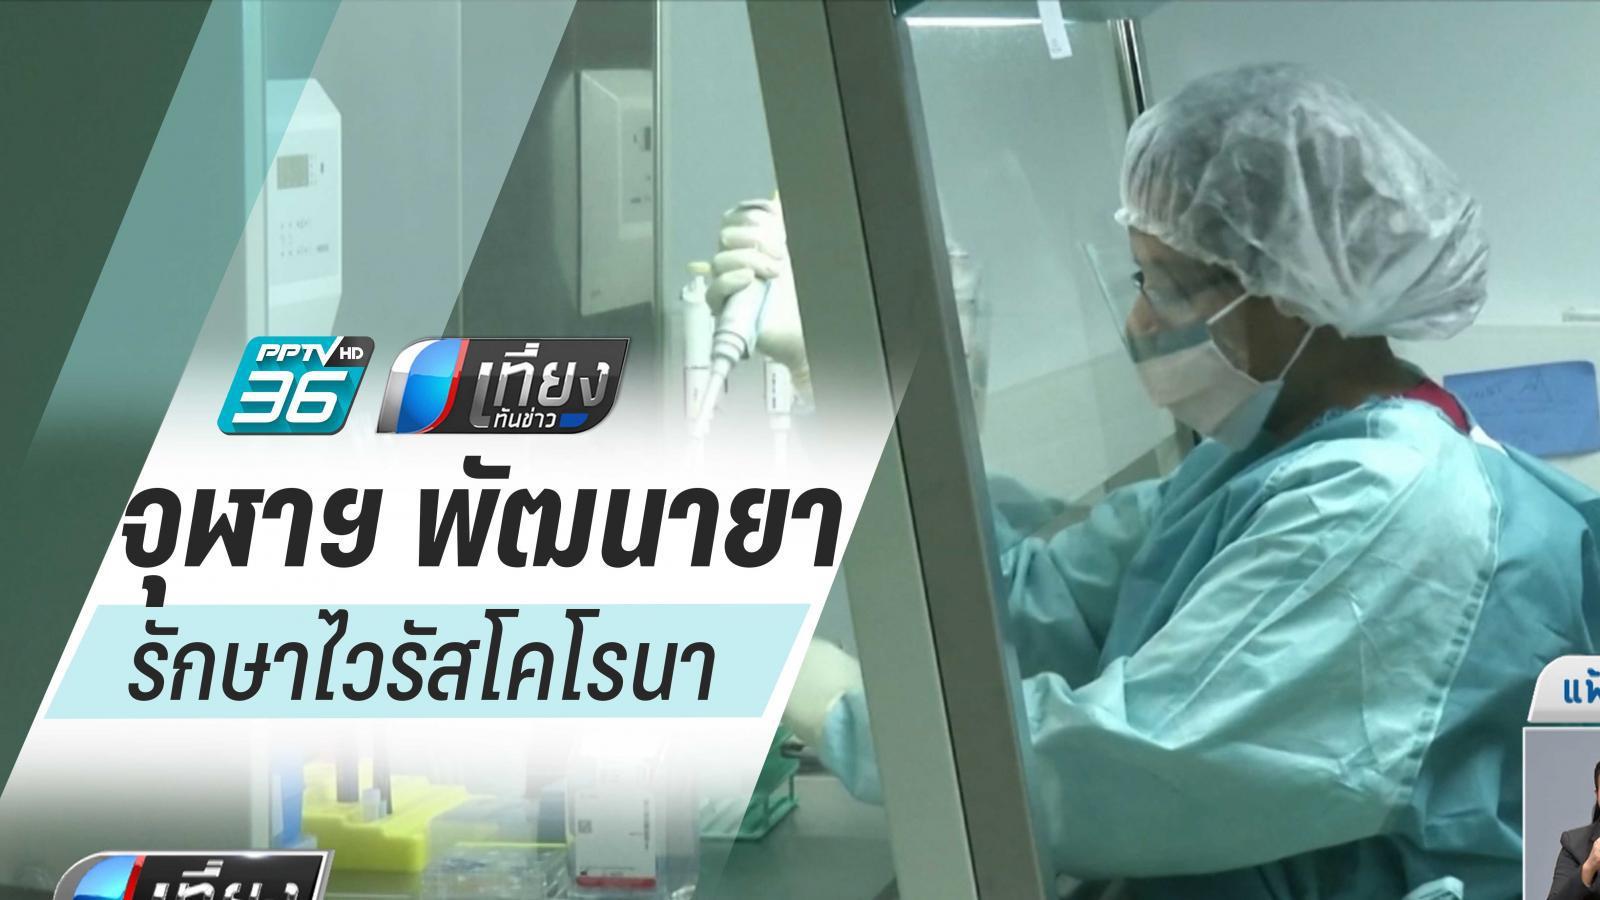 จุฬาฯ พัฒนายารักษาไวรัสโคโรนาผ่านต้นยาสูบ